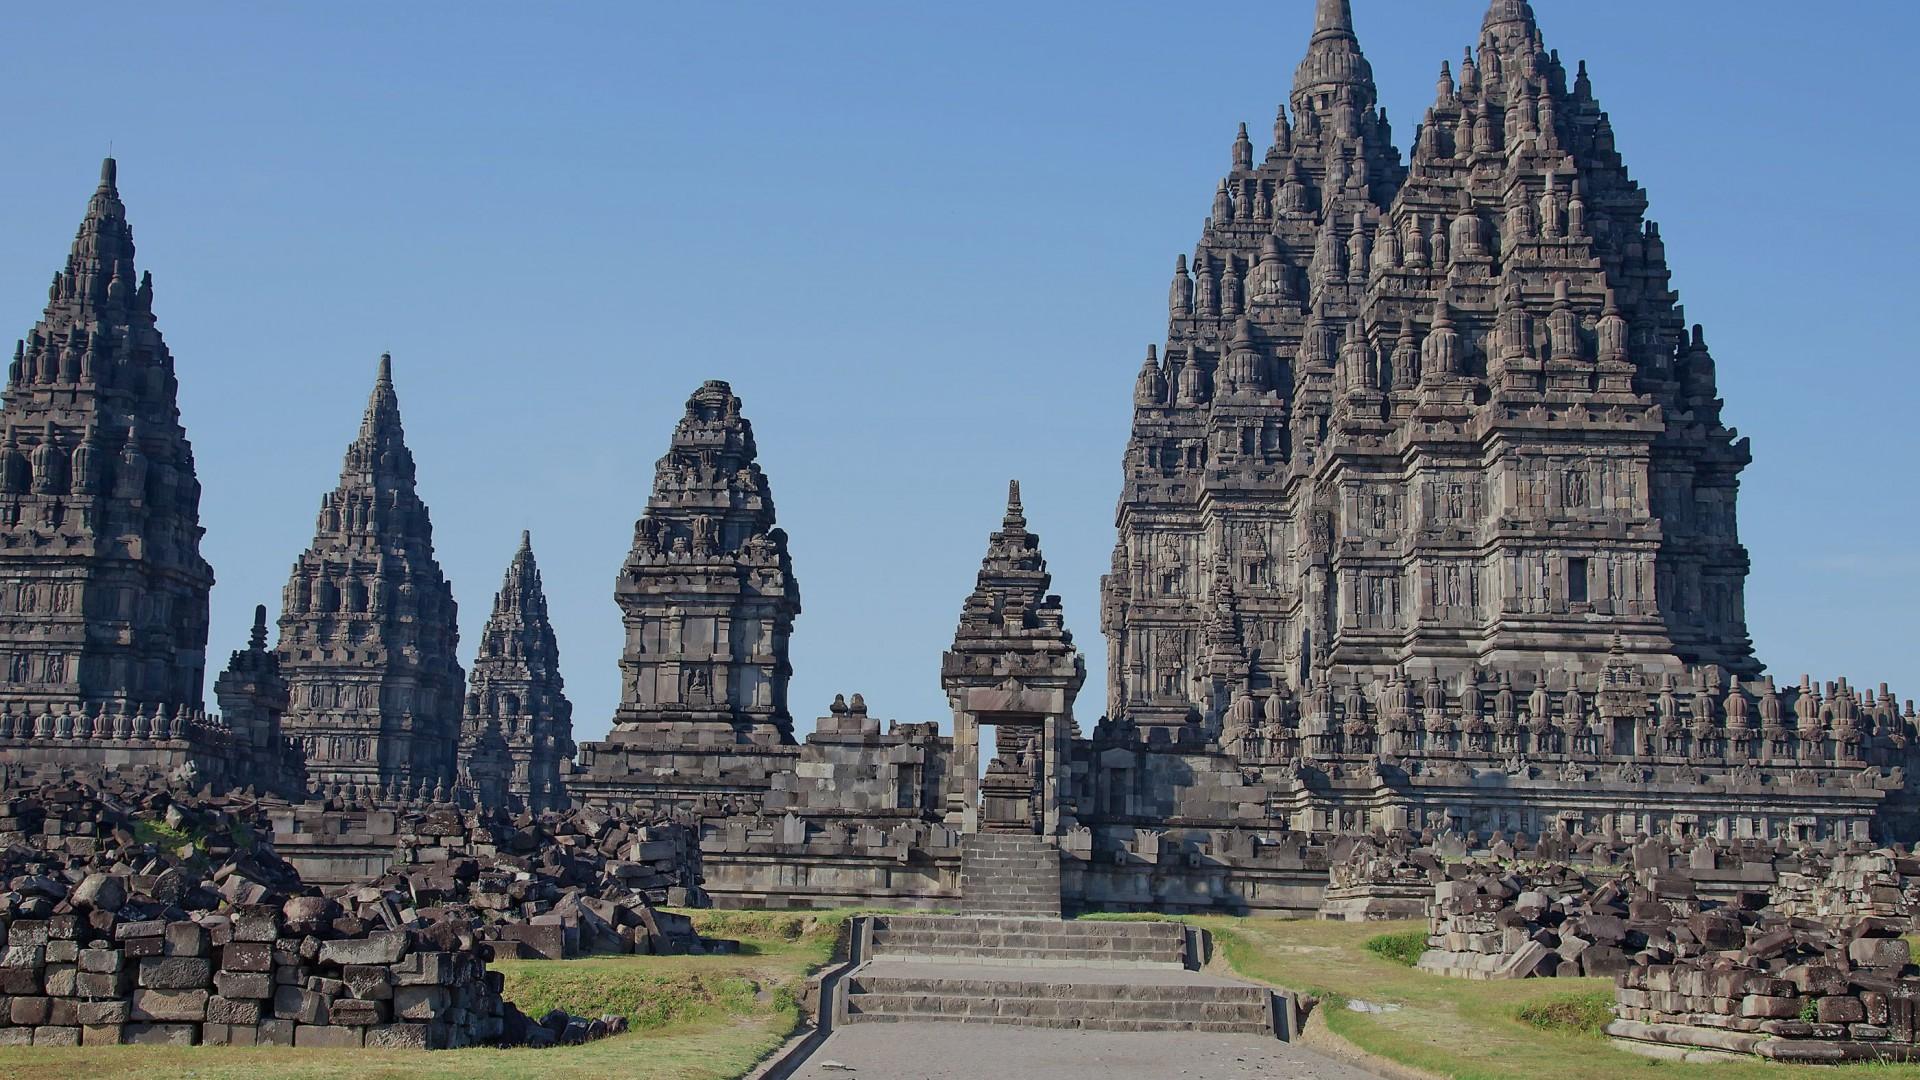 Merry Christmas Desktop Wallpaper 3d Angkor Wat Hd Wallpaper Pixelstalk Net